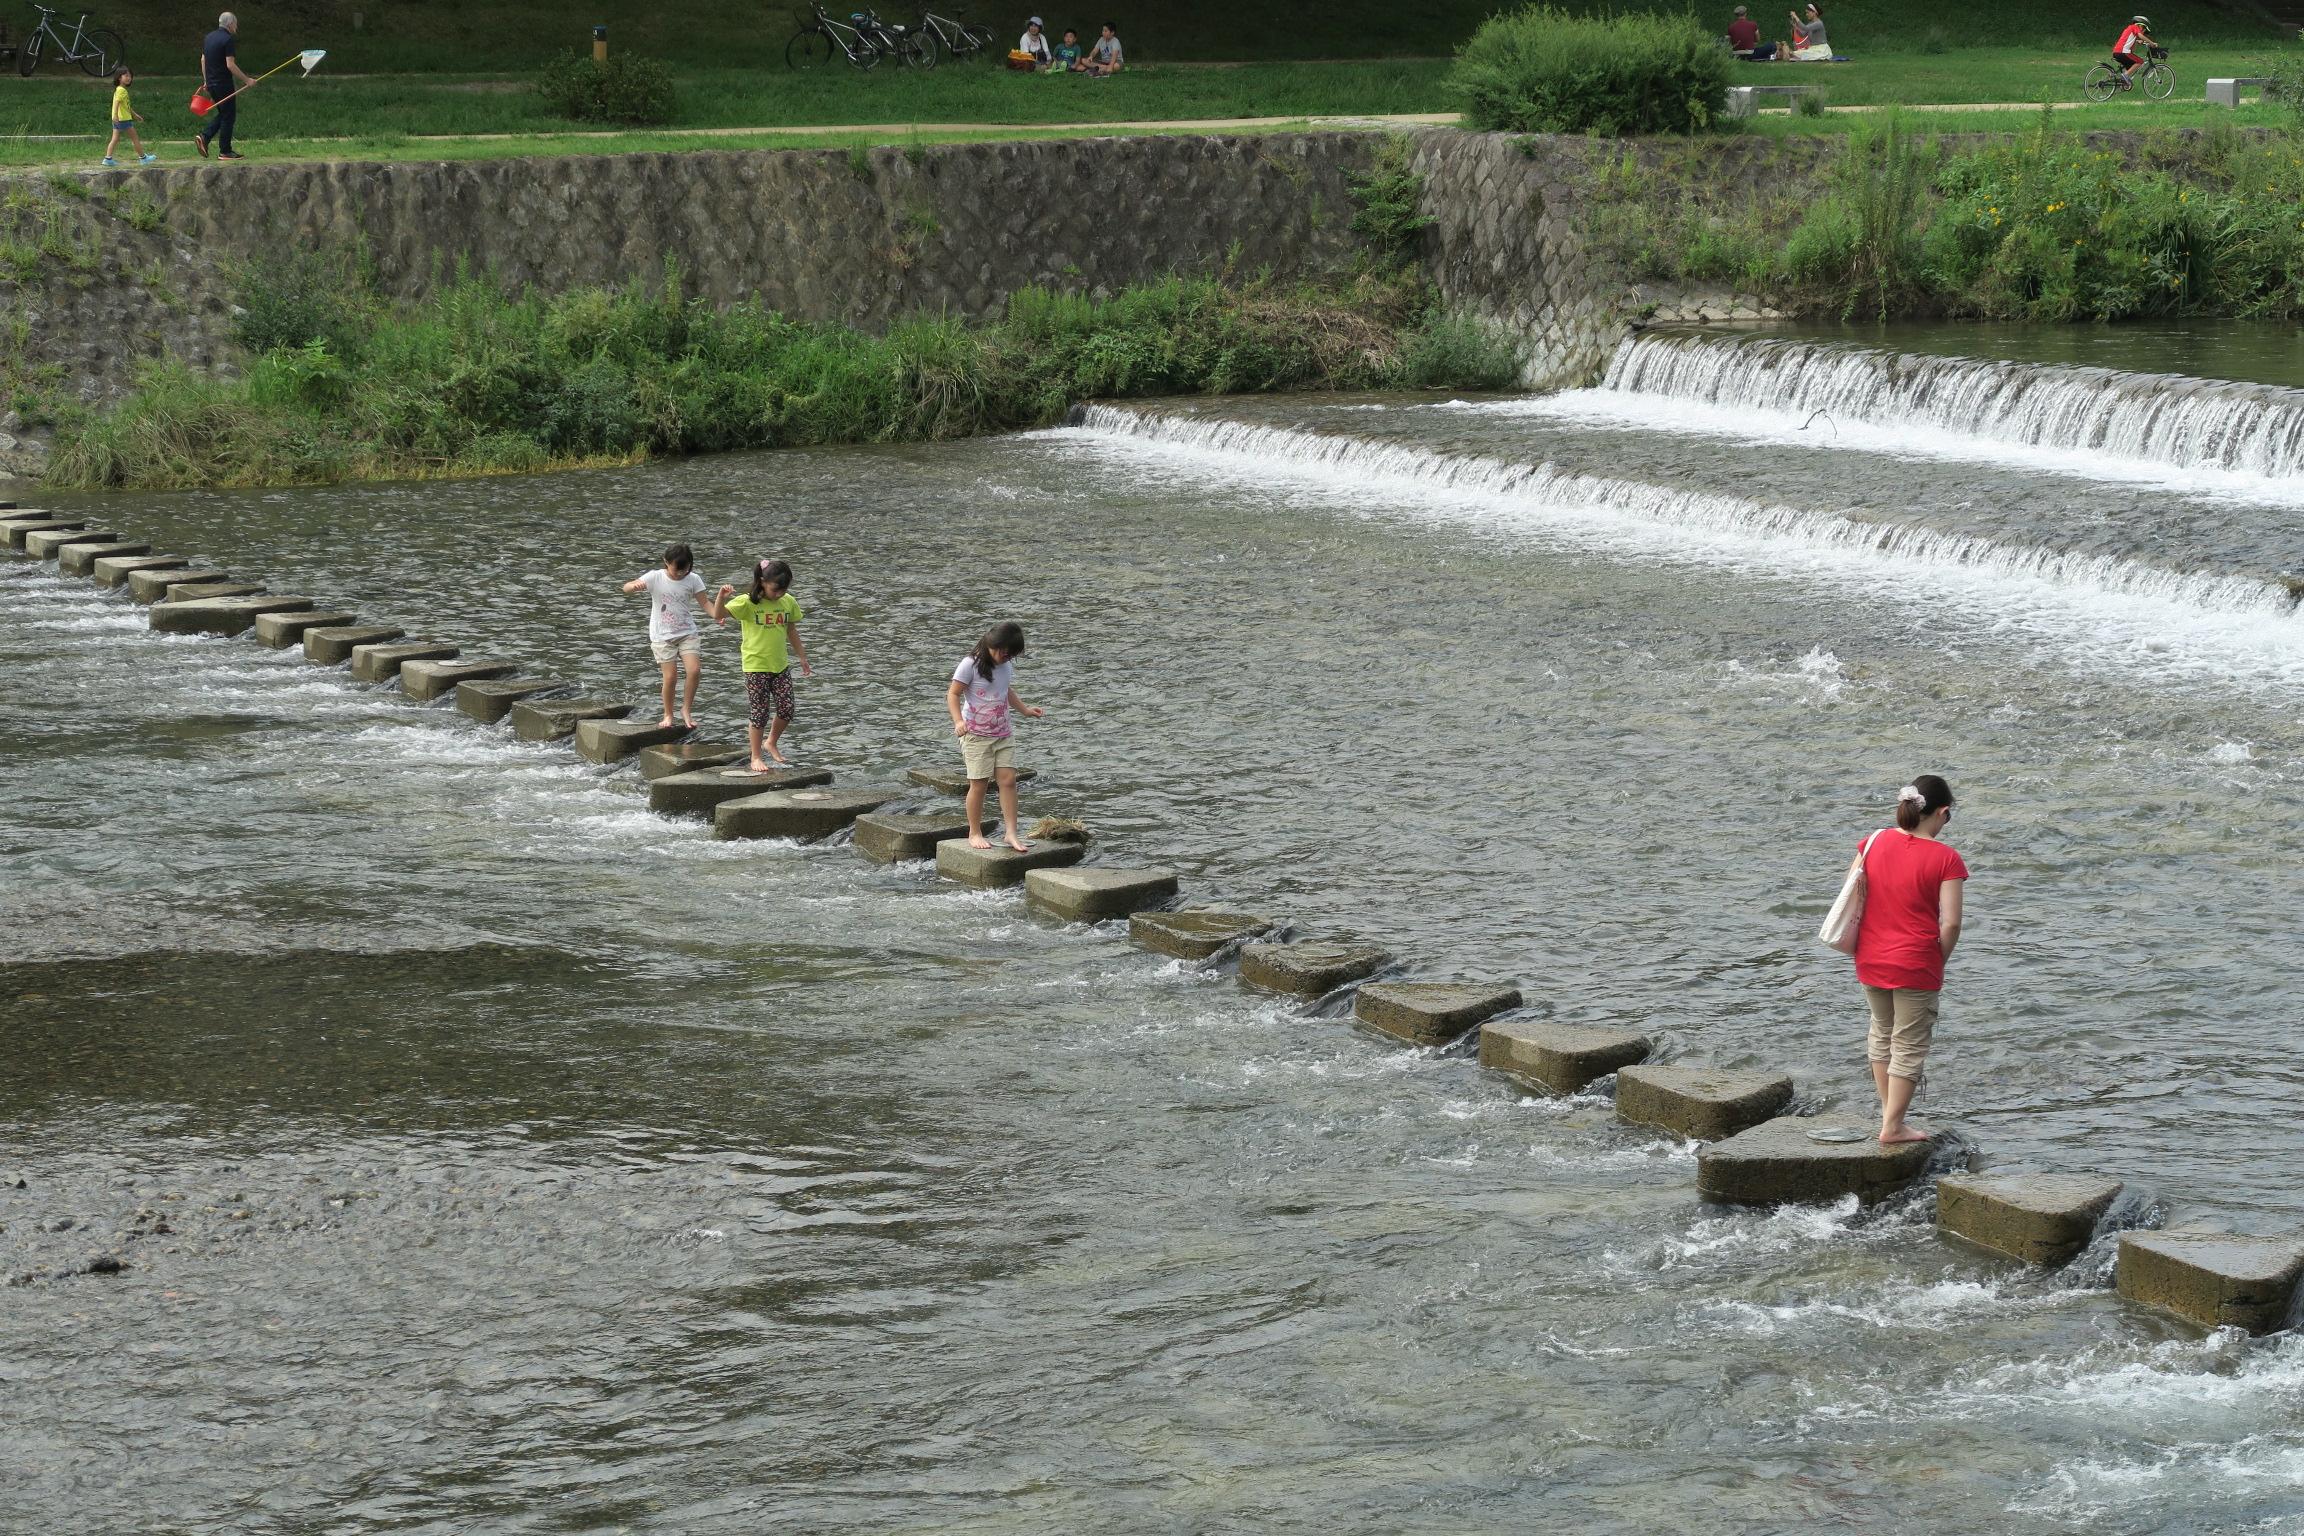 鴨川を横切ることができるようになっています。楽しそうですが、小さいお子様は気を付けて!